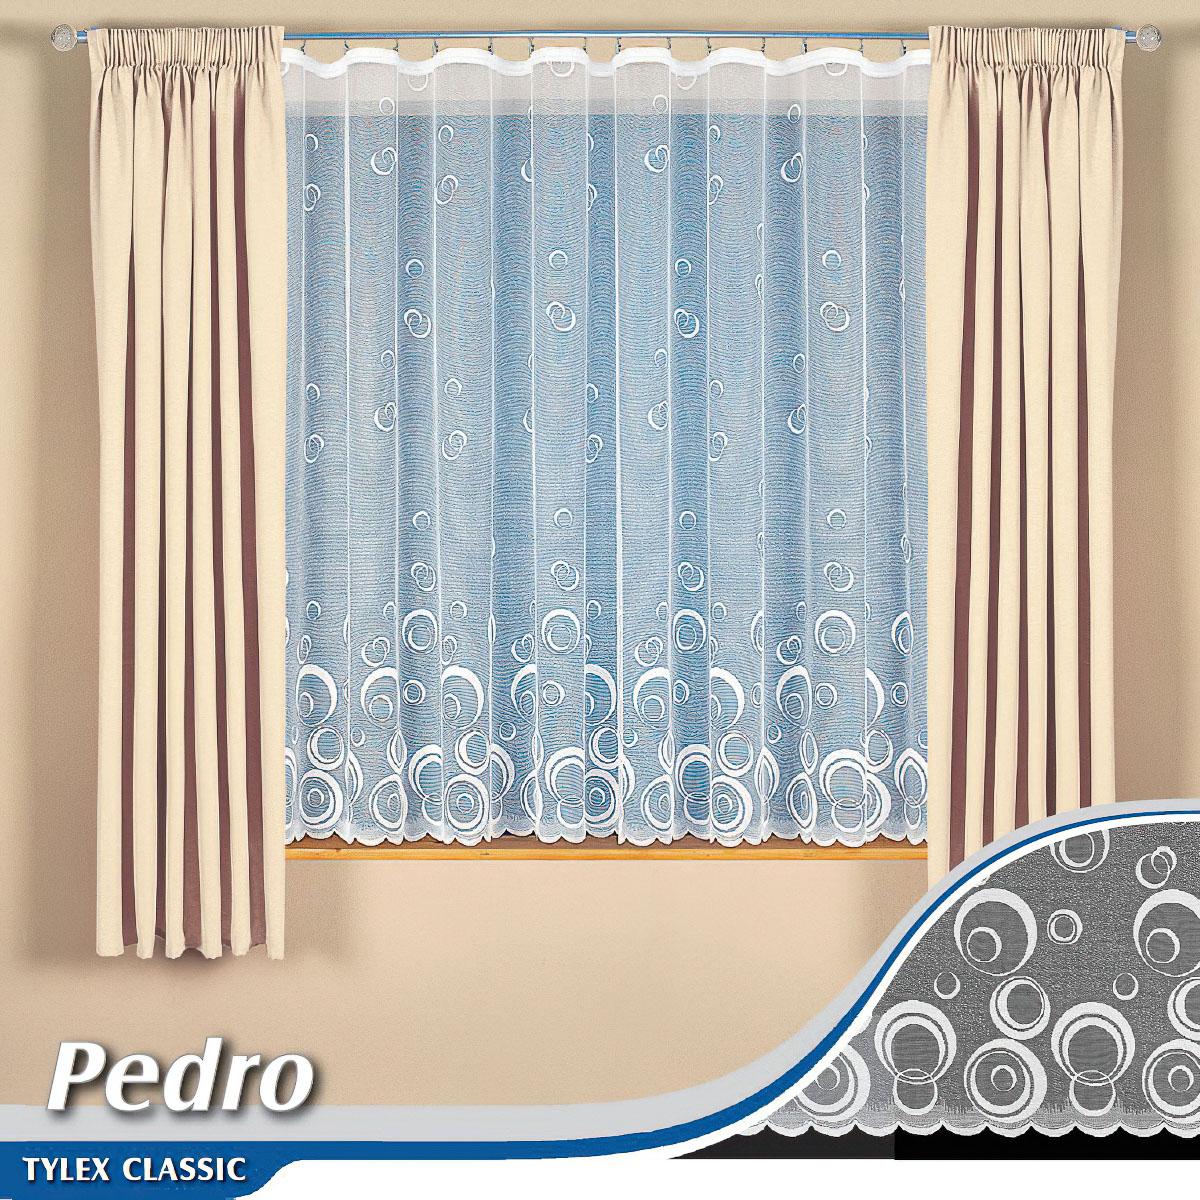 Tylex kusová záclona PEDROI jednobarevná bílá, výška 160 cm x šířka 300 cm (na okno)